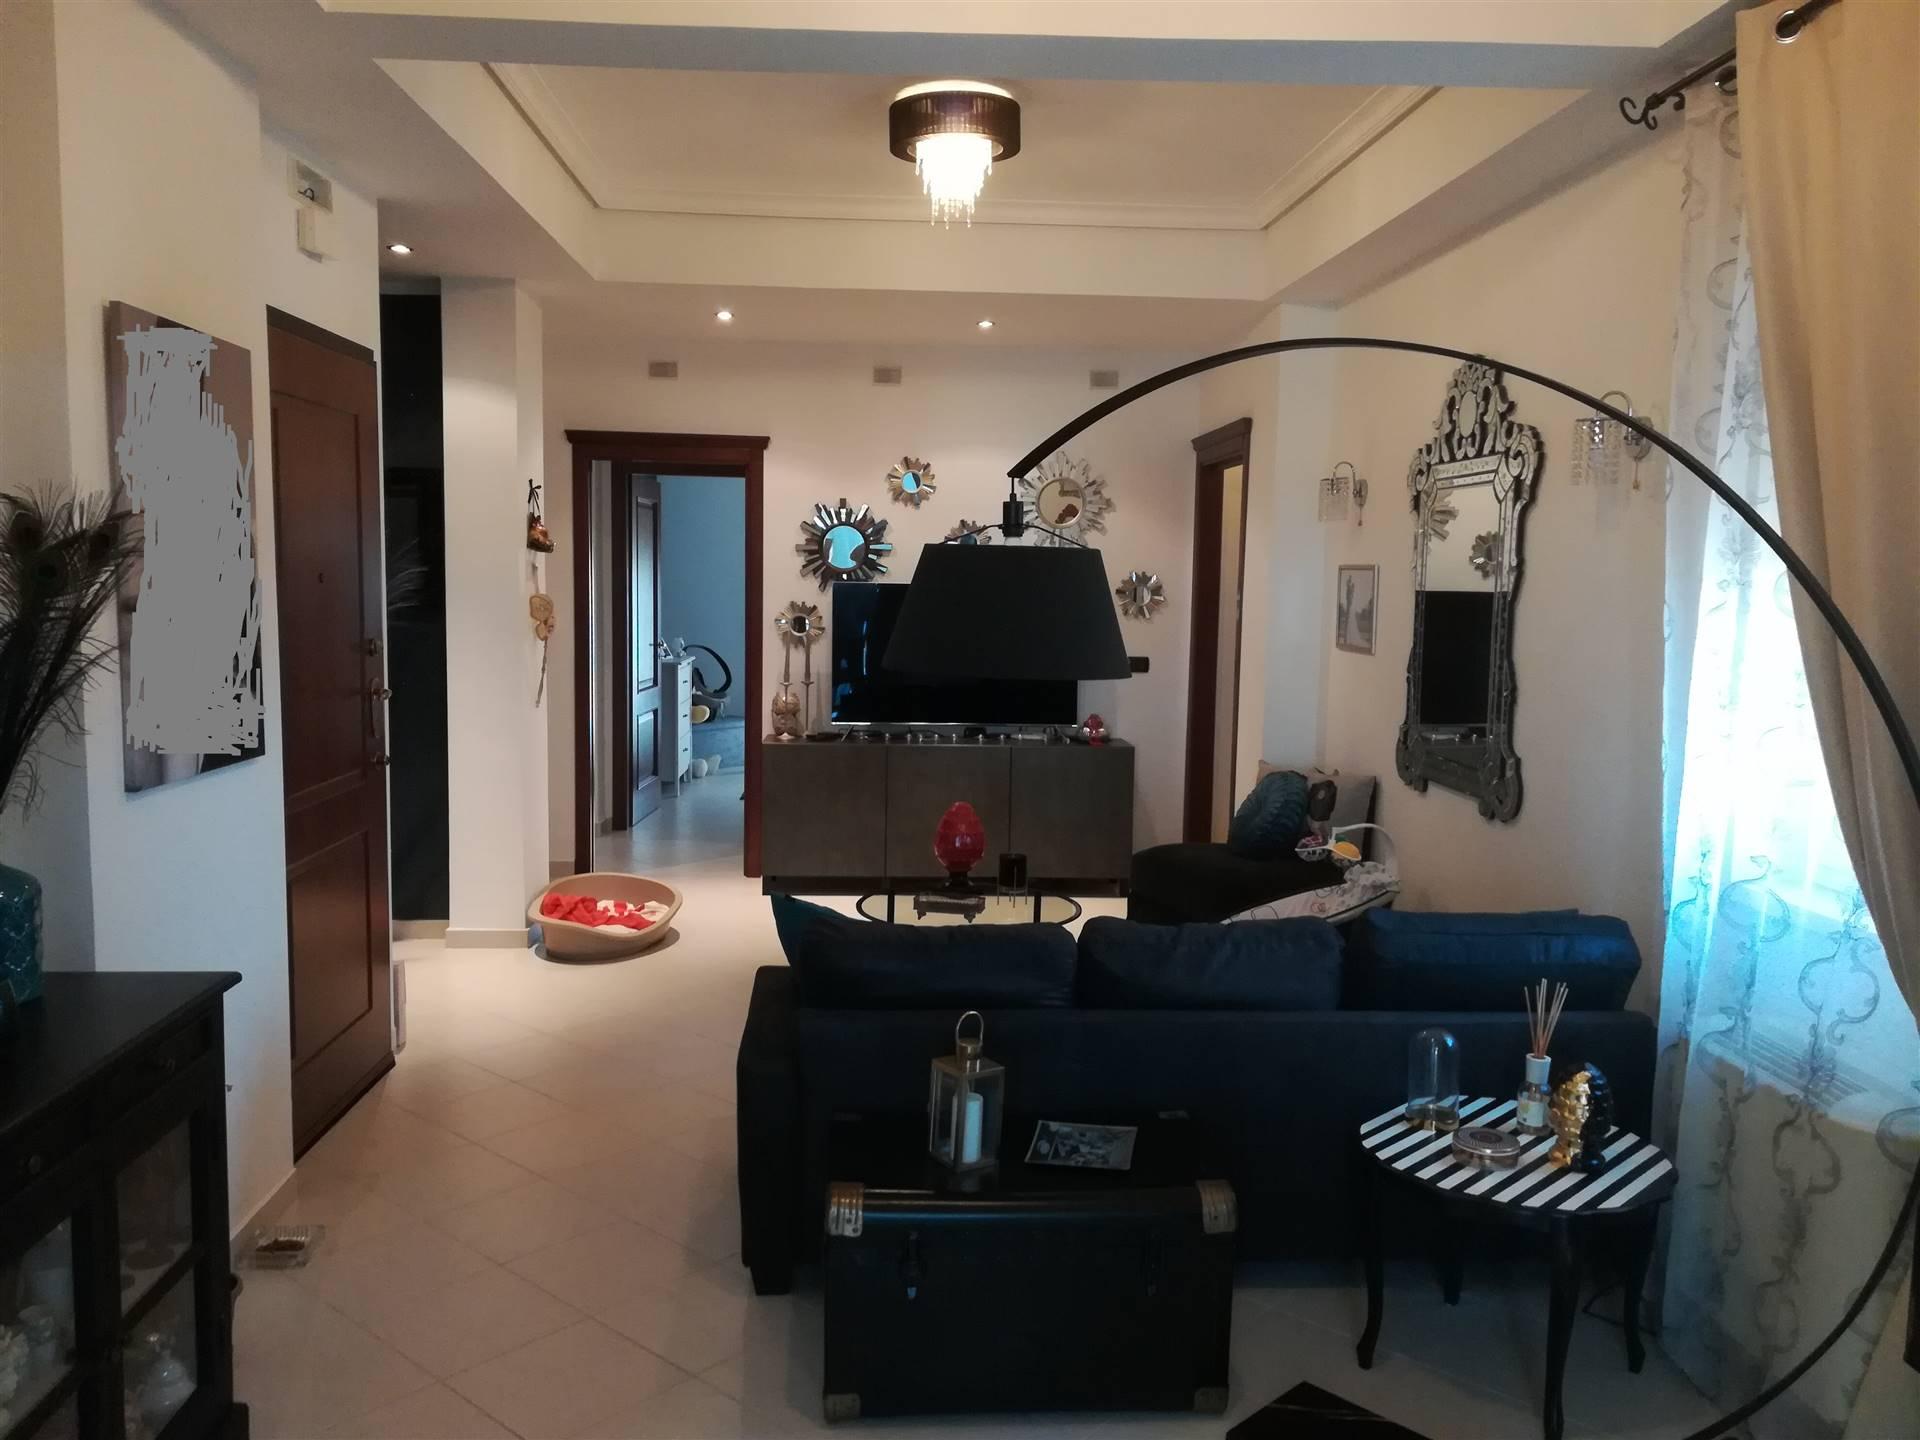 IA/363 - Appartamento al decimo piano d'elevazione di mq.110 ca. con ascensore, composto da tre camere, soggiorno, cucina, bagno e doppio servizio;